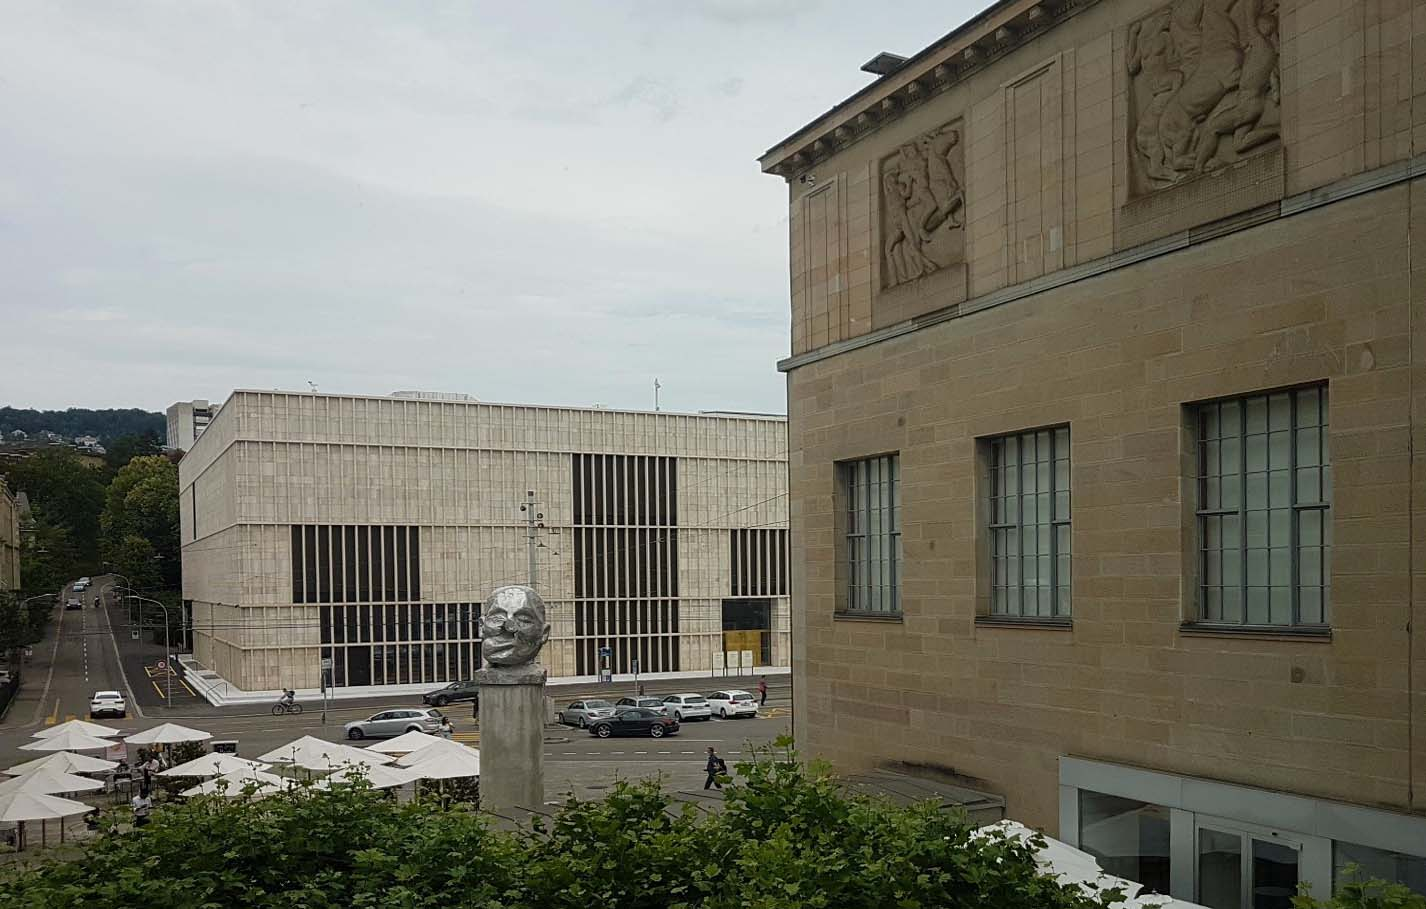 Blick vom alten Kunsthaus über den Heimplatz zum neuen Chipperfield-Bau (Bild: Lothar Schmitt)